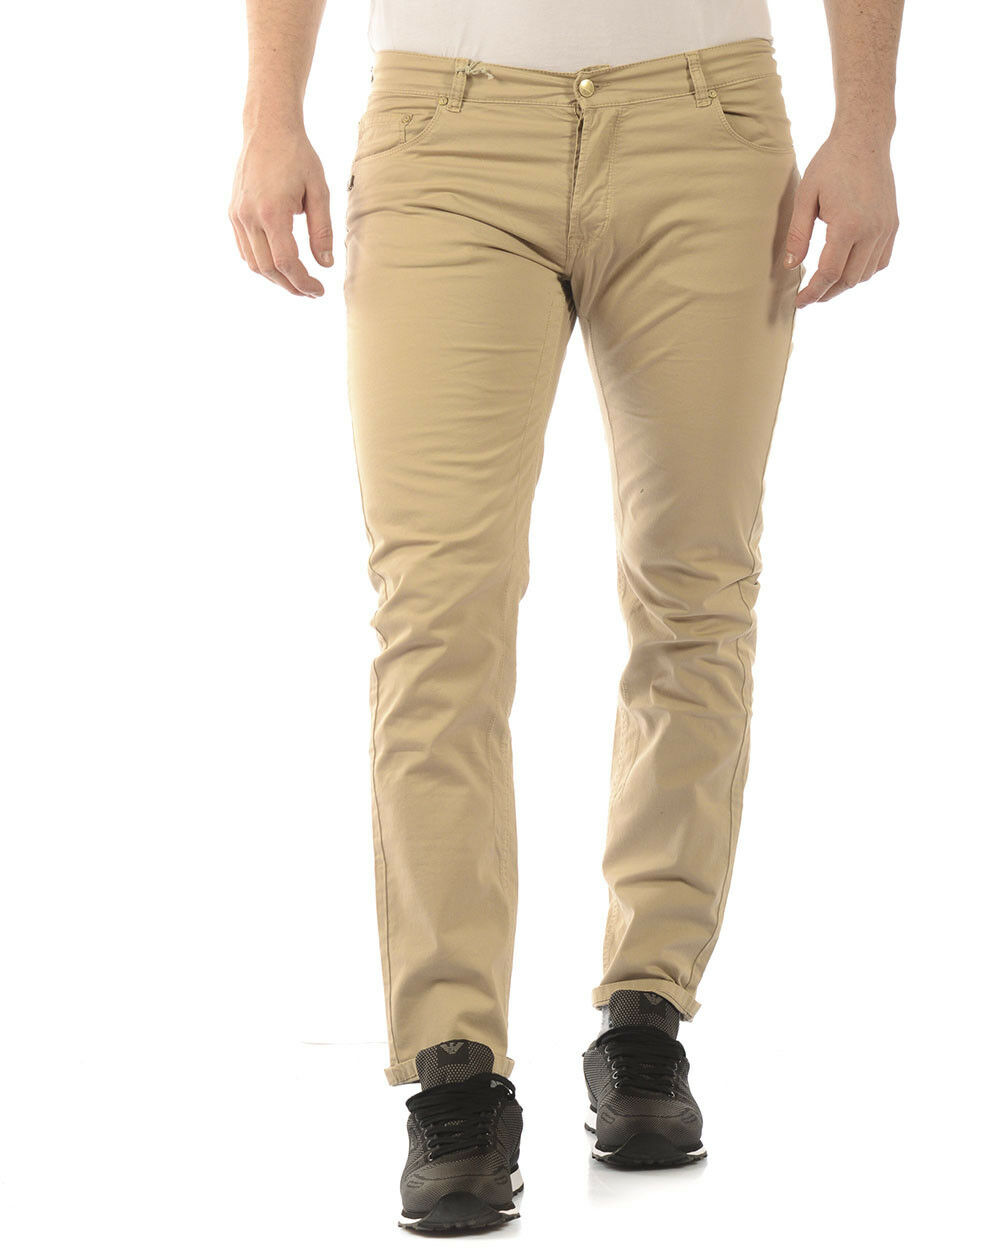 Pantaloni Daniele Alessandrini Jeans Trouser men Beige PJ4610TGL1003731 15